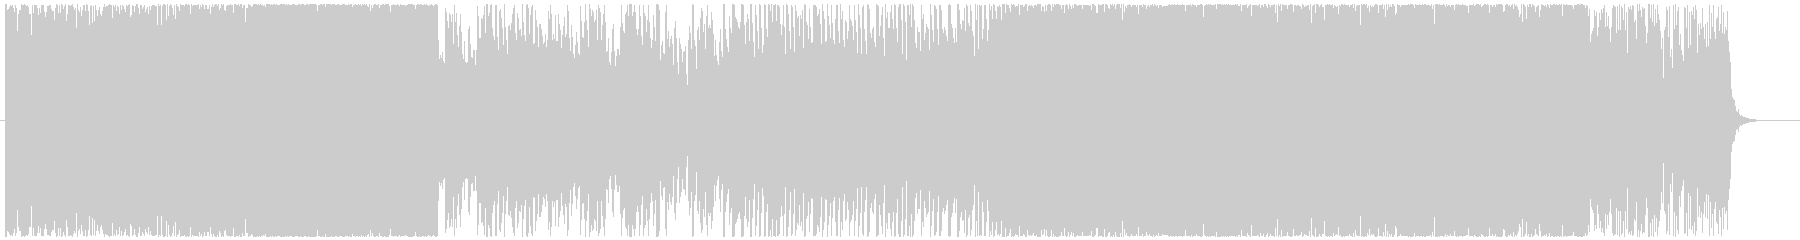 ハイスピードラスボス戦イメージ曲の未再生の波形